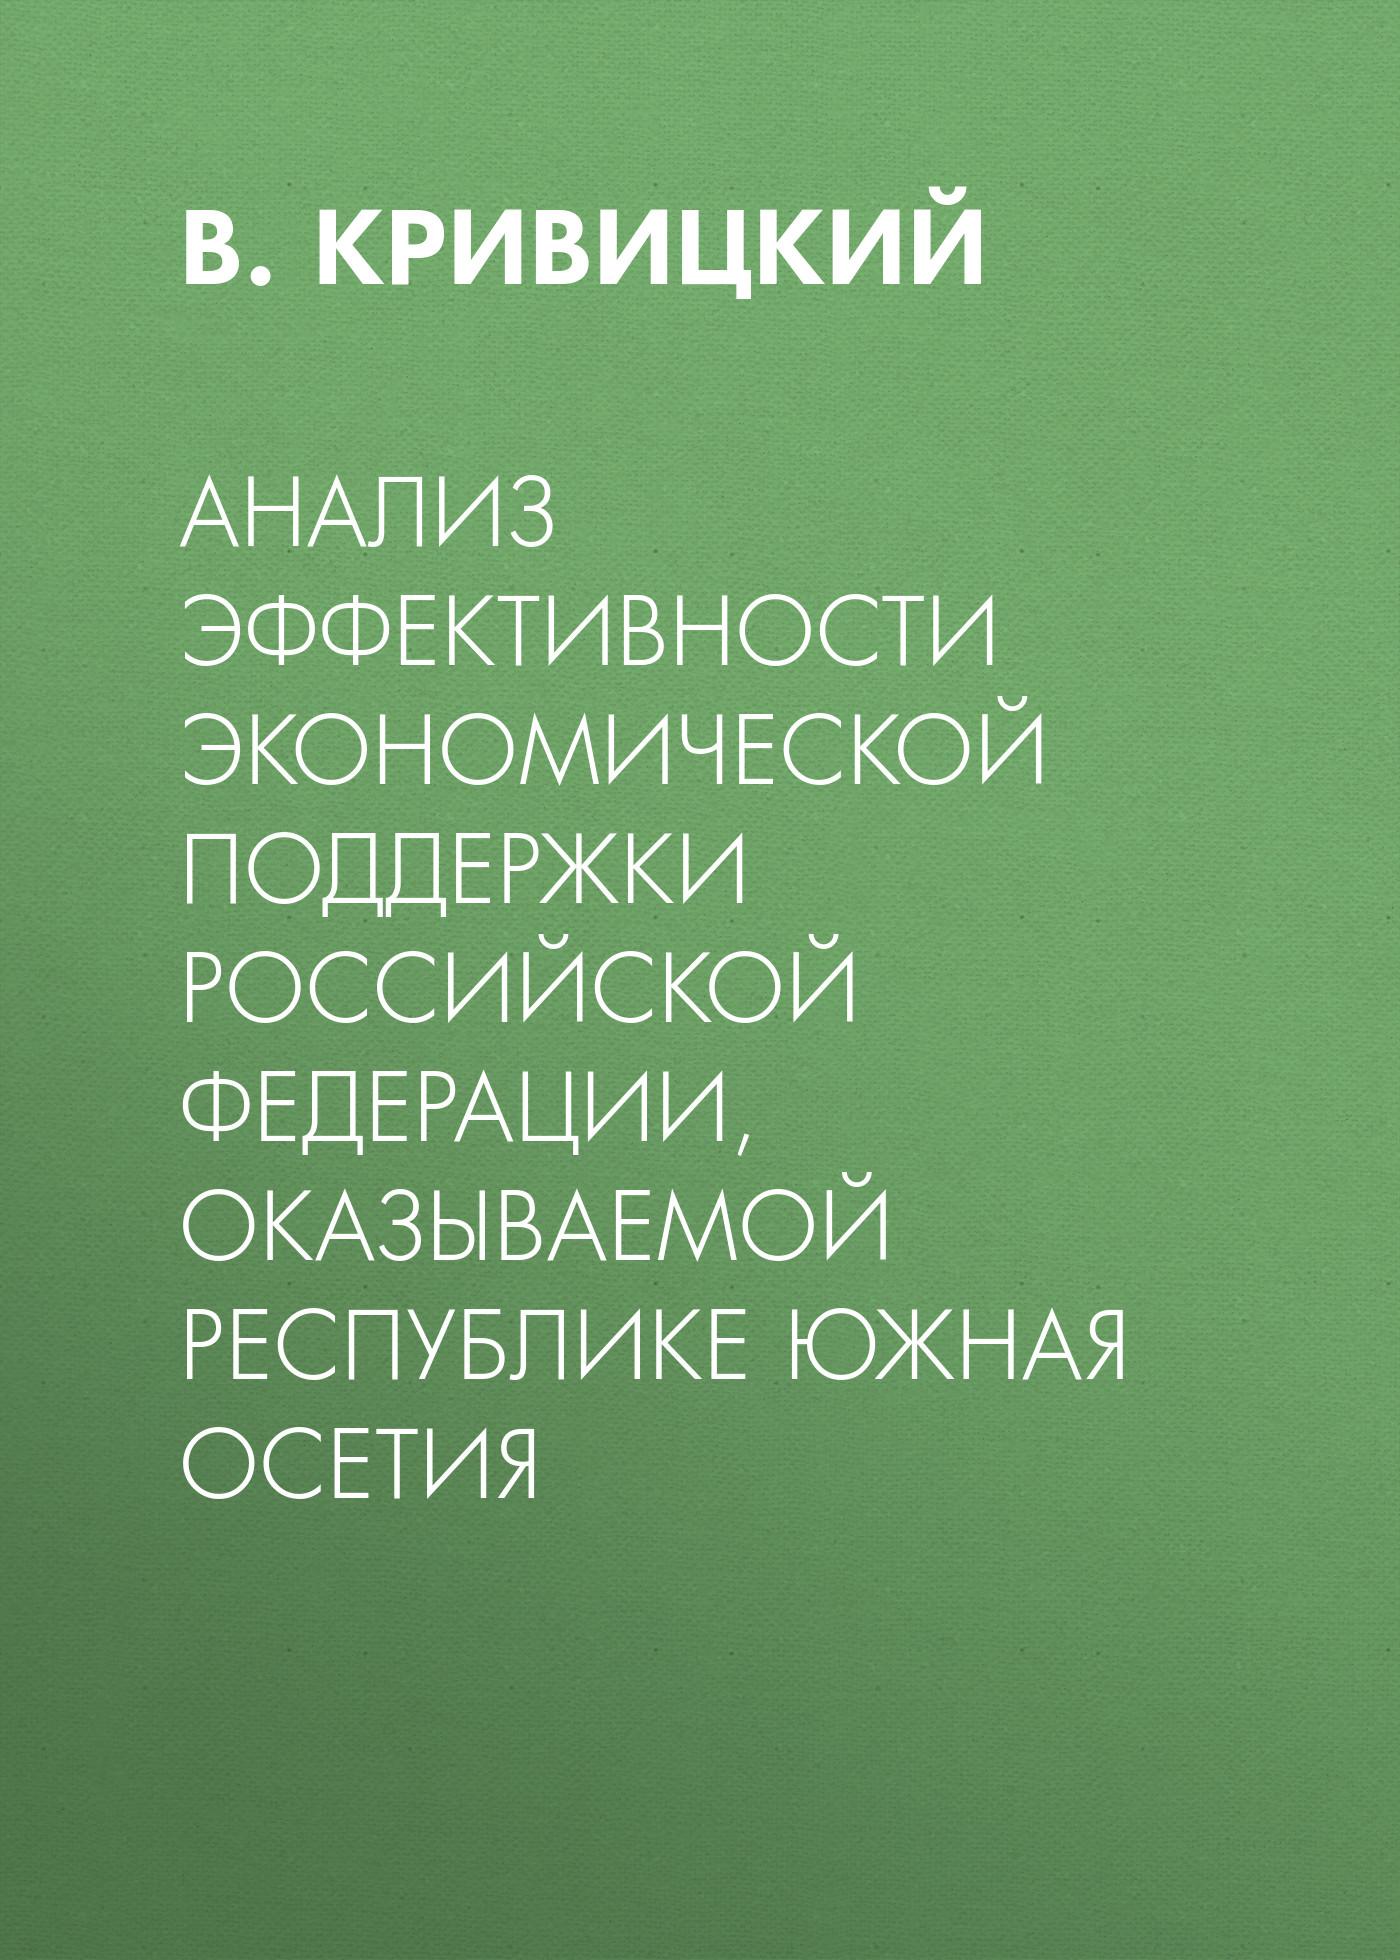 В. Кривицкий Анализ эффективности экономической поддержки Российской Федерации, оказываемой Республике Южная Осетия цена